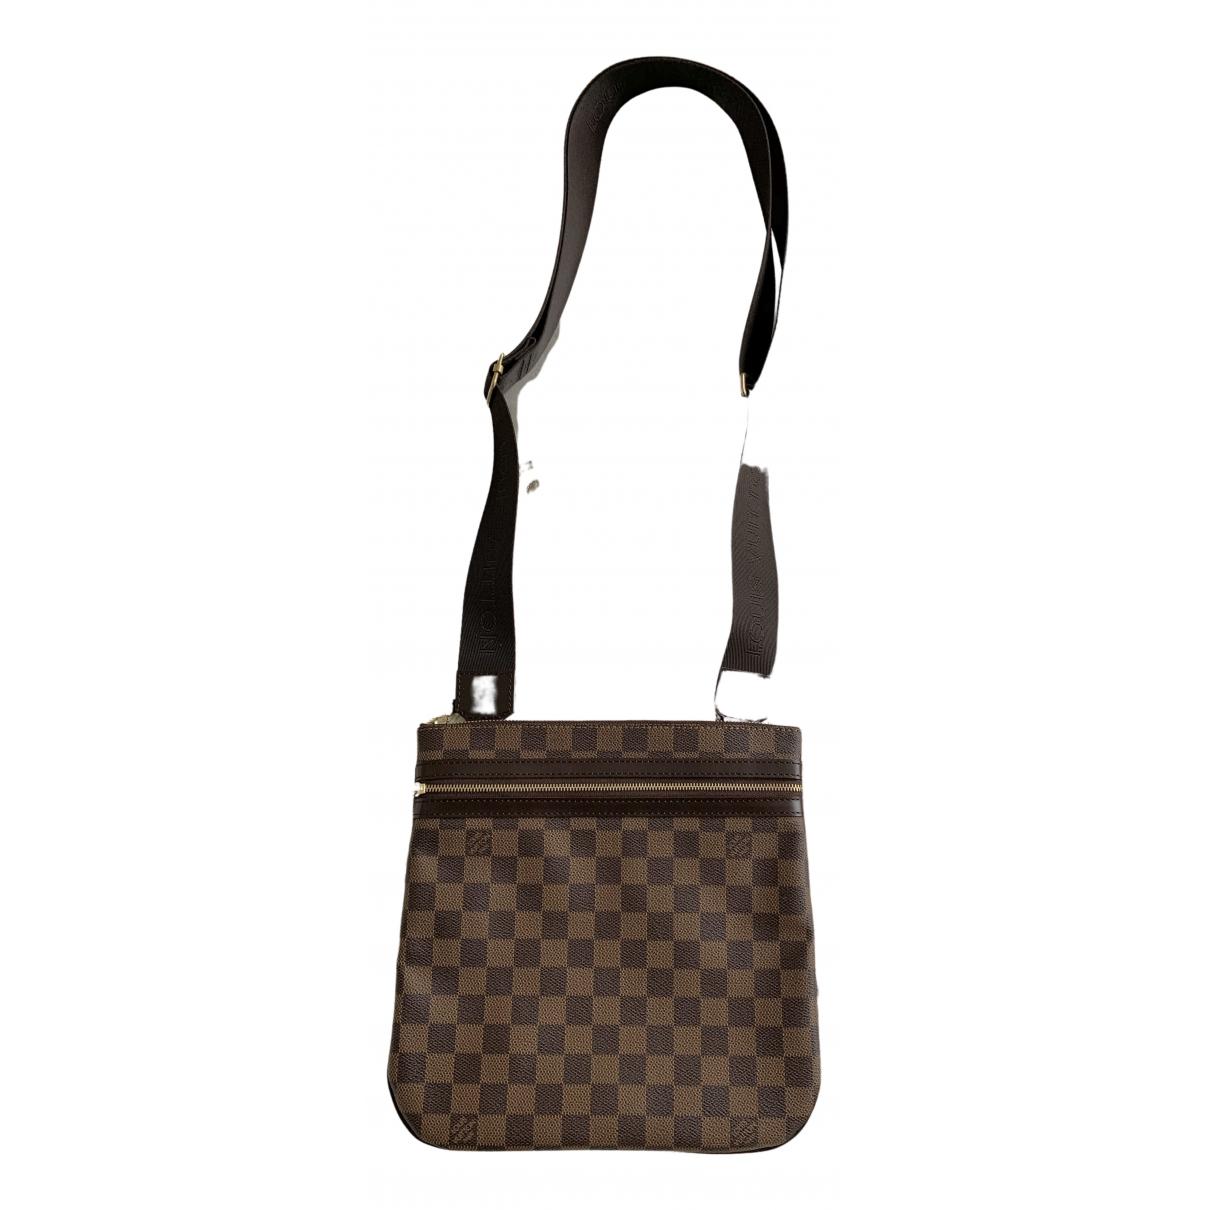 Bandolera Bosphore de Lona Louis Vuitton